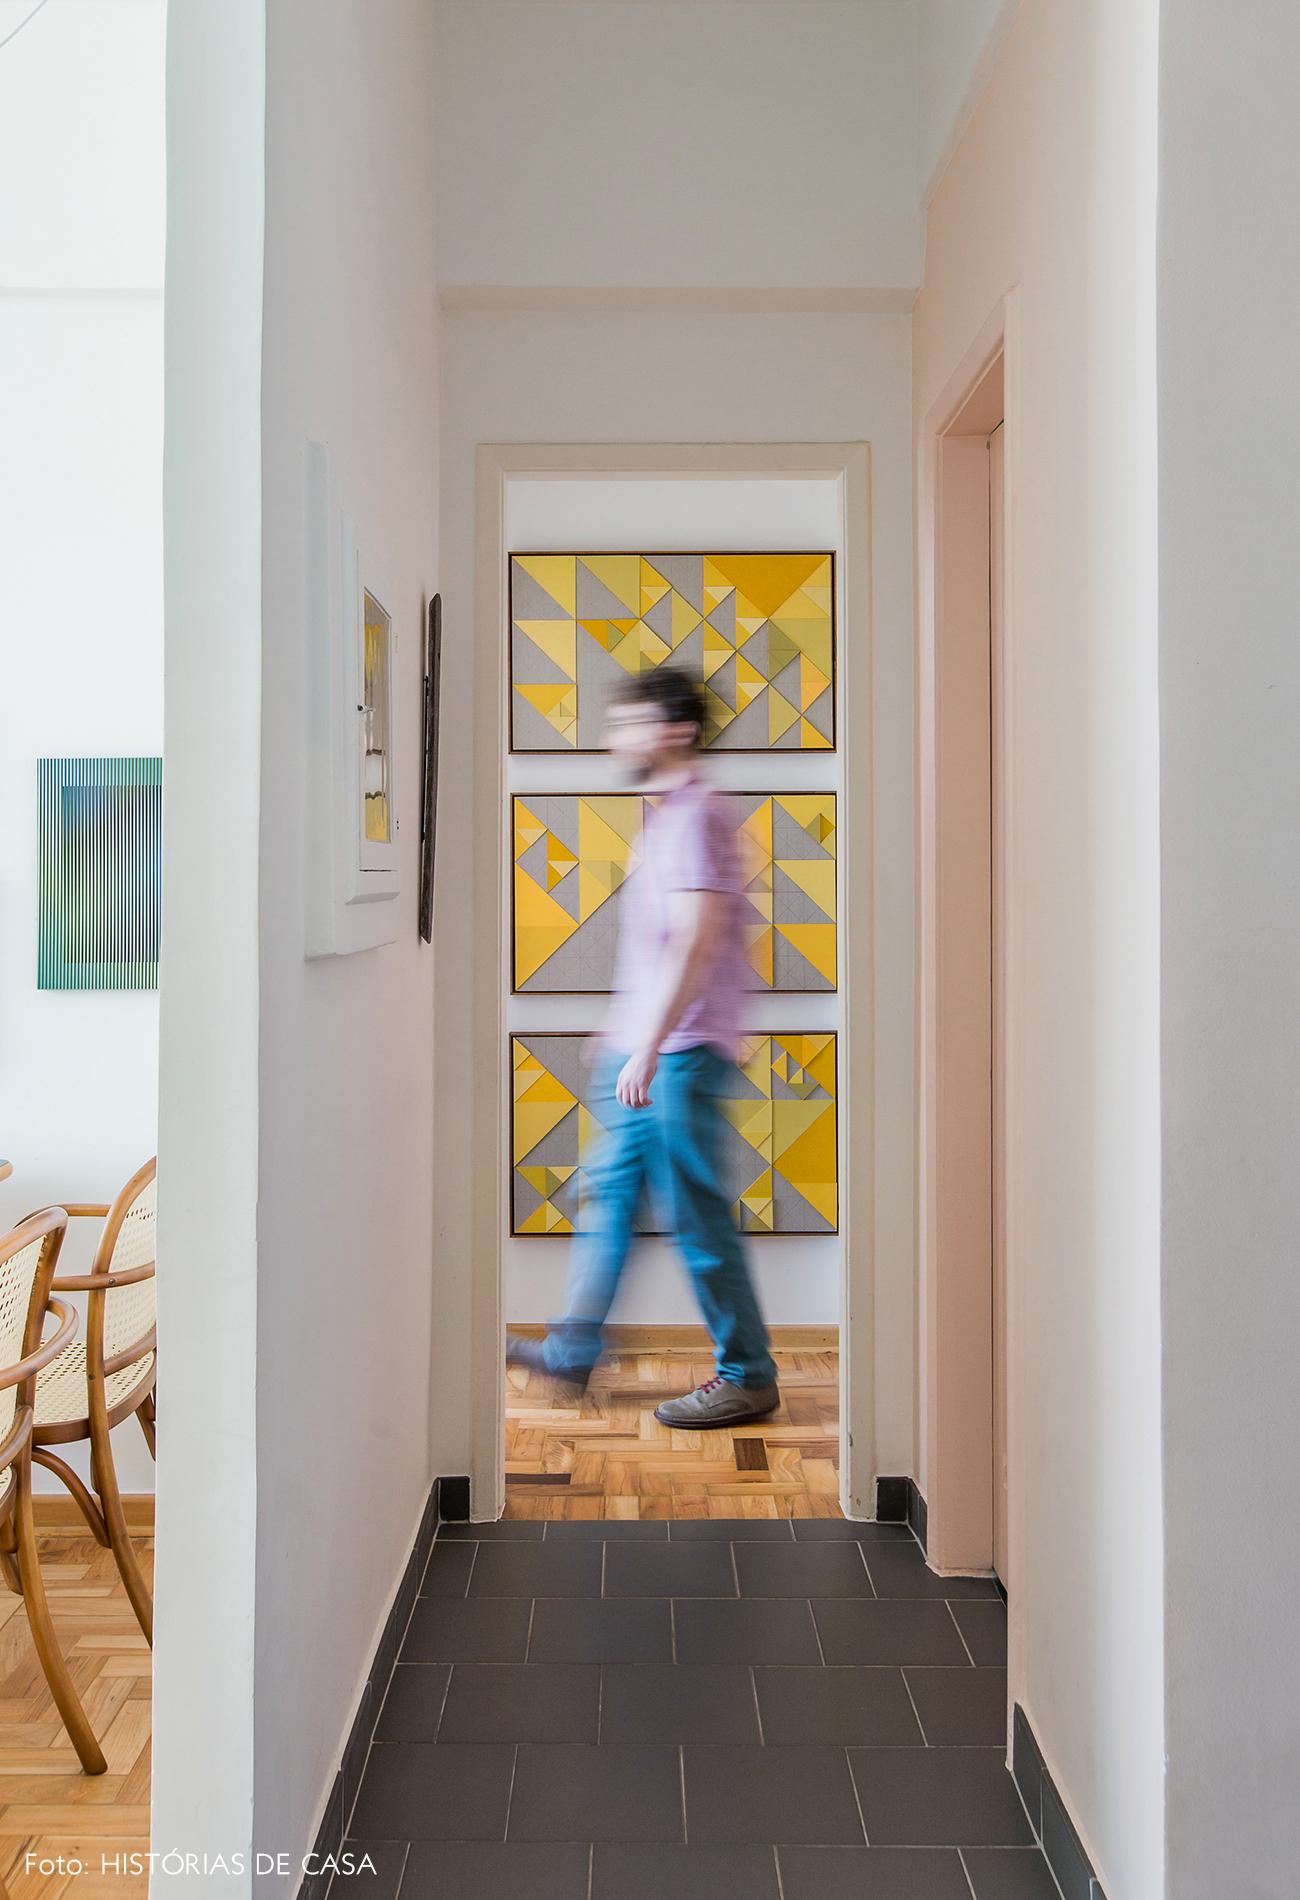 Corredor com piso cinza e quadros amarelos